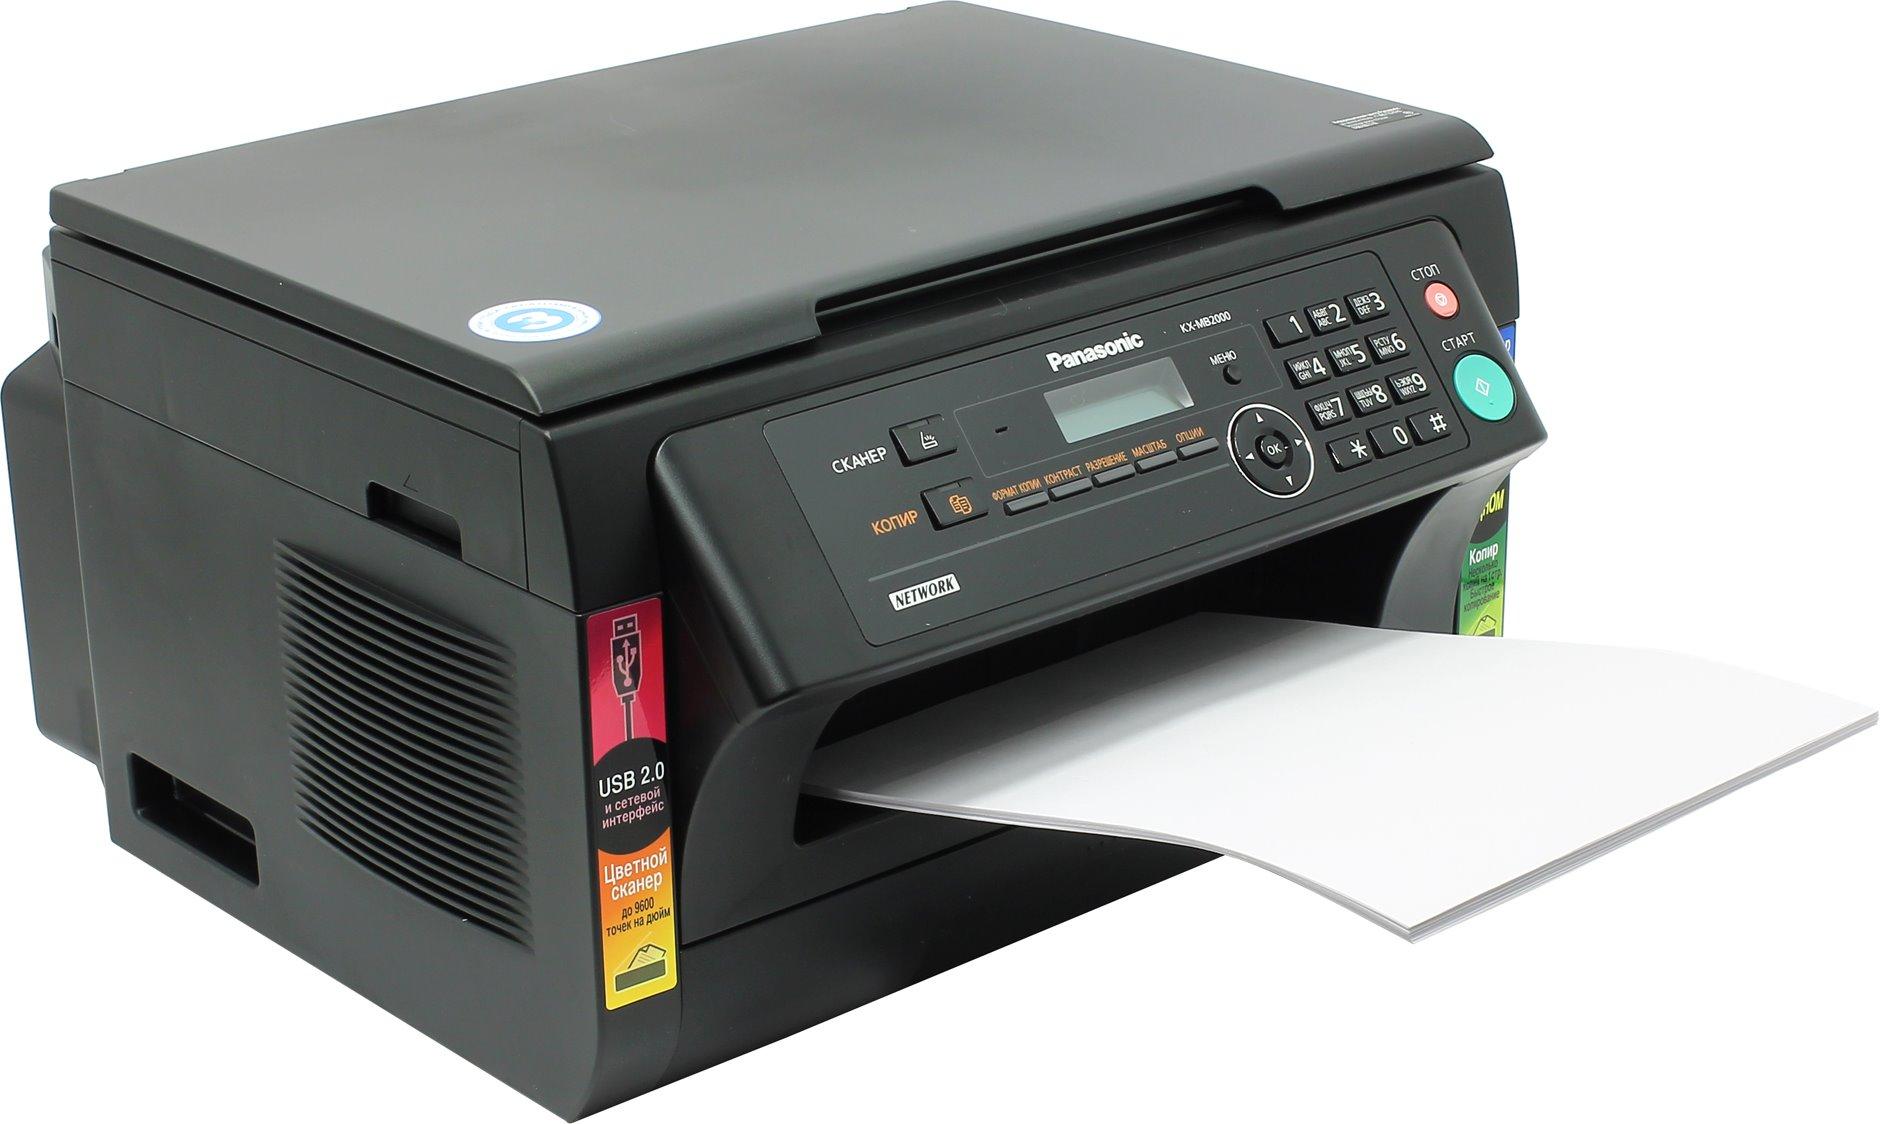 Драйвер для panasonic kx-mb2000 + инструкция как установить.